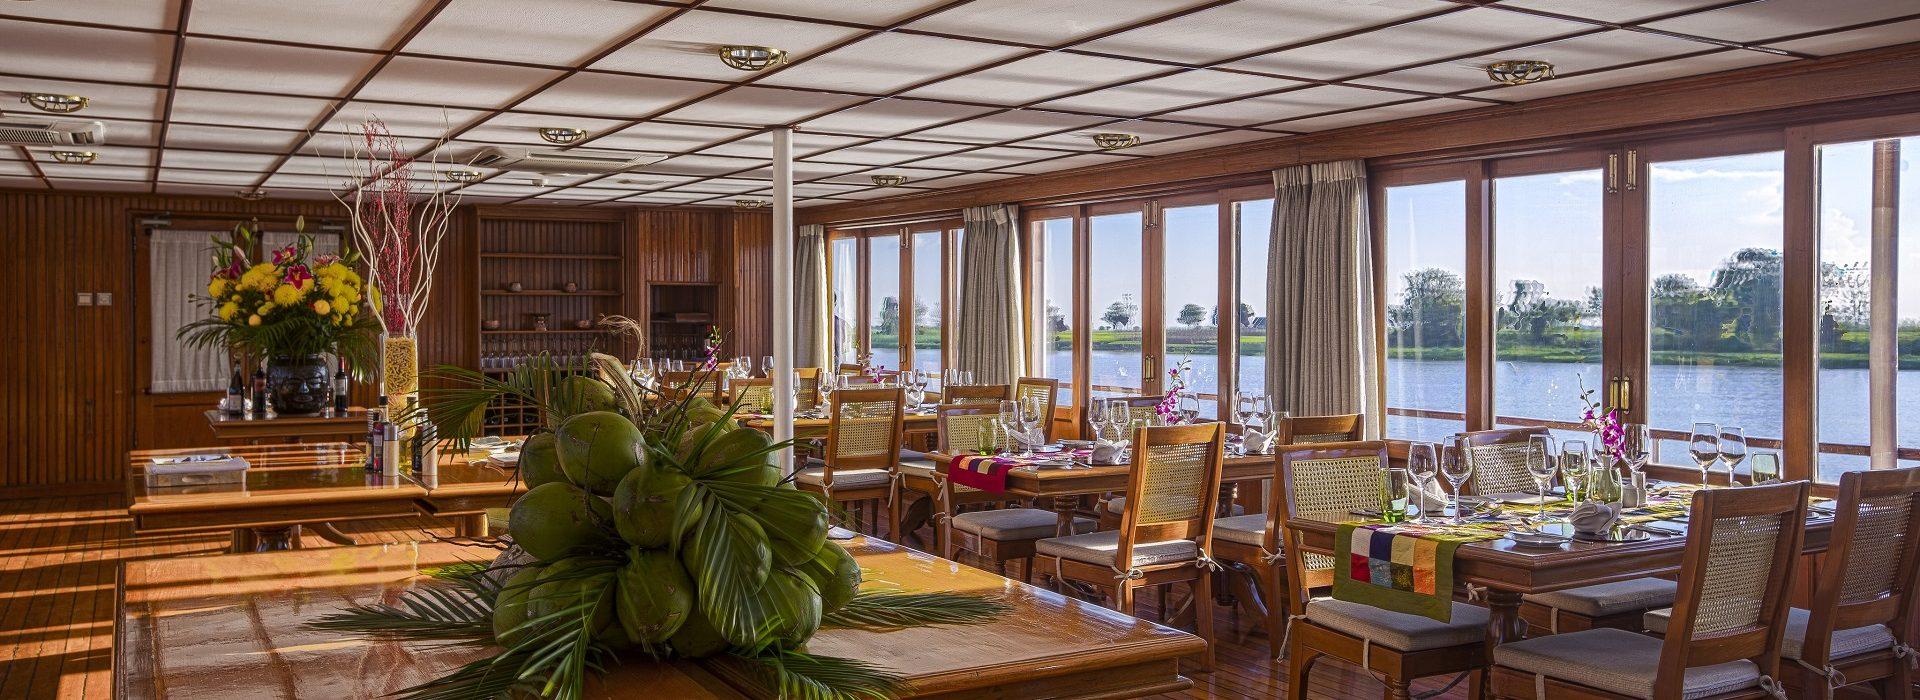 Restaurant auf einemm Pandaw Schiff